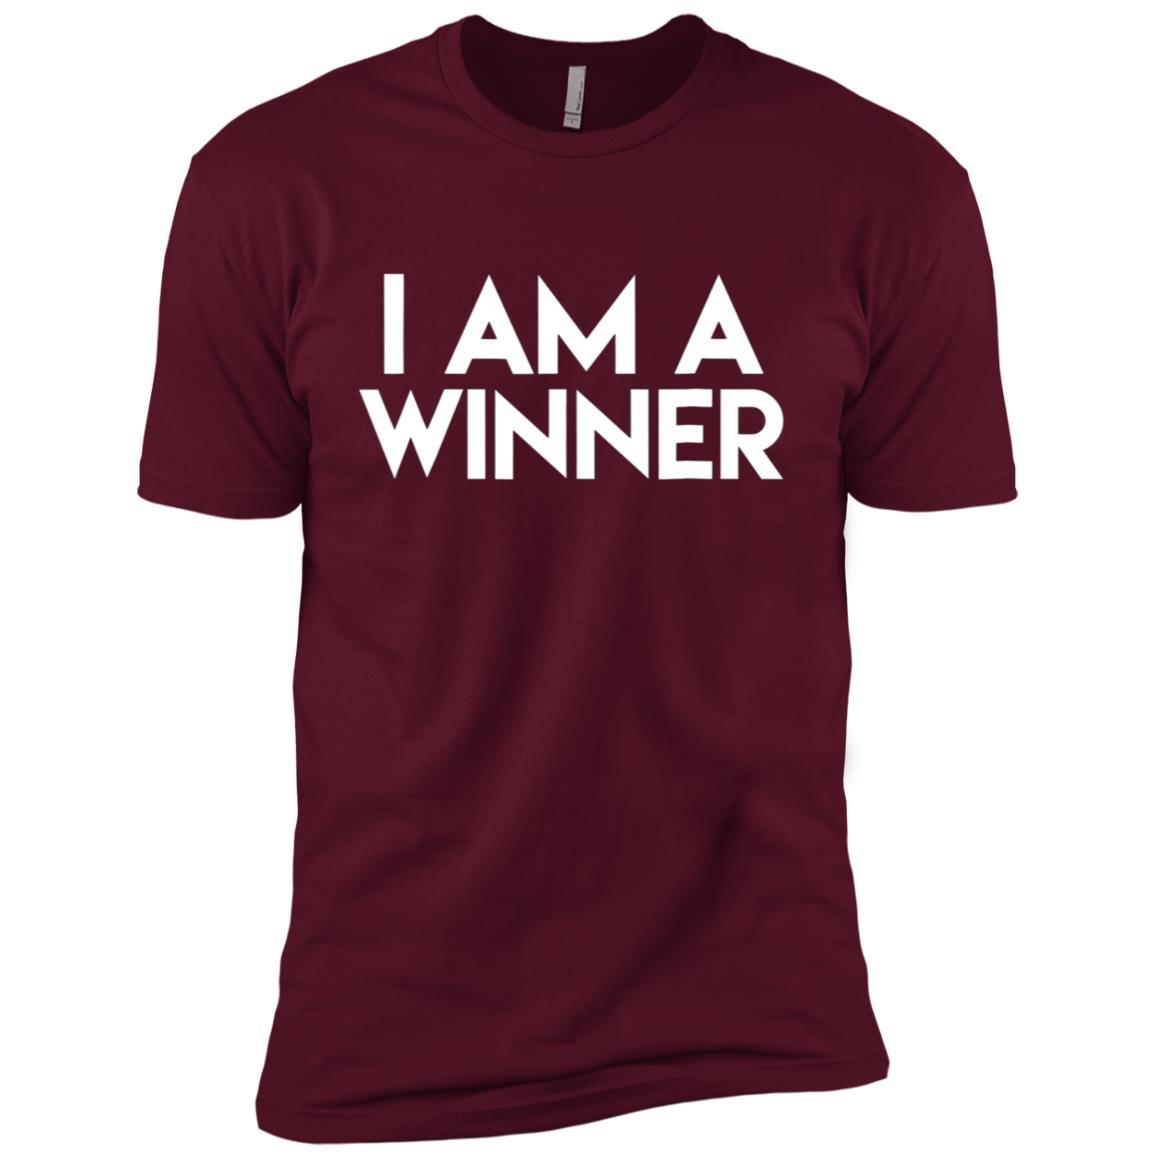 I Am A Winner Positive Humorous Trending Men Short Sleeve T-Shirt